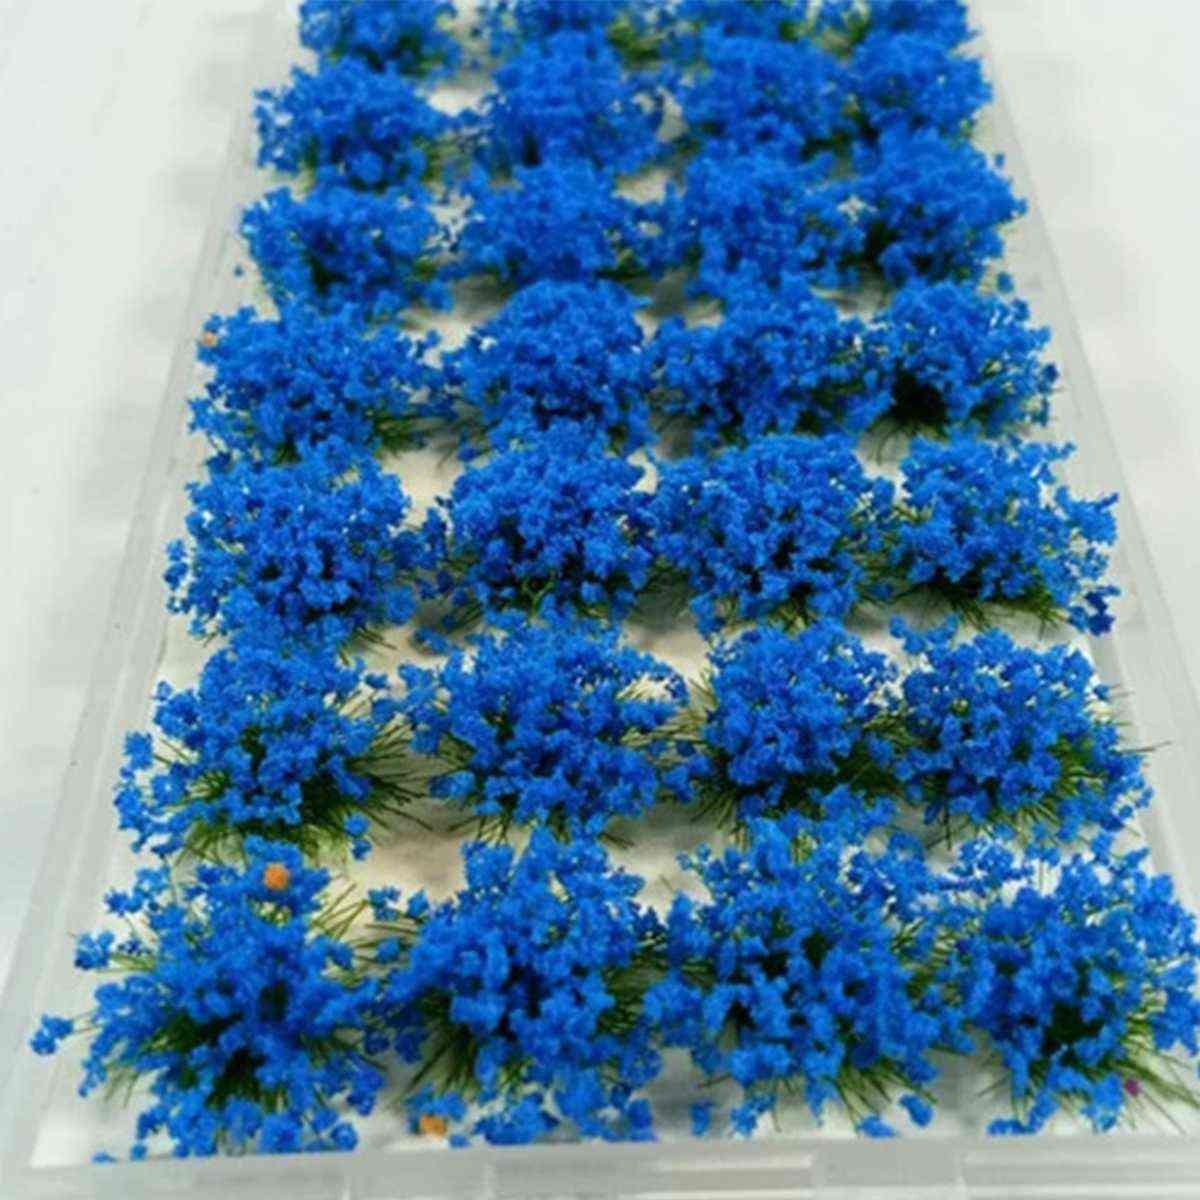 Artificial Grass Flower - Petal Garden Lawn Micro Landscape Decor Accessories Sandbox Game